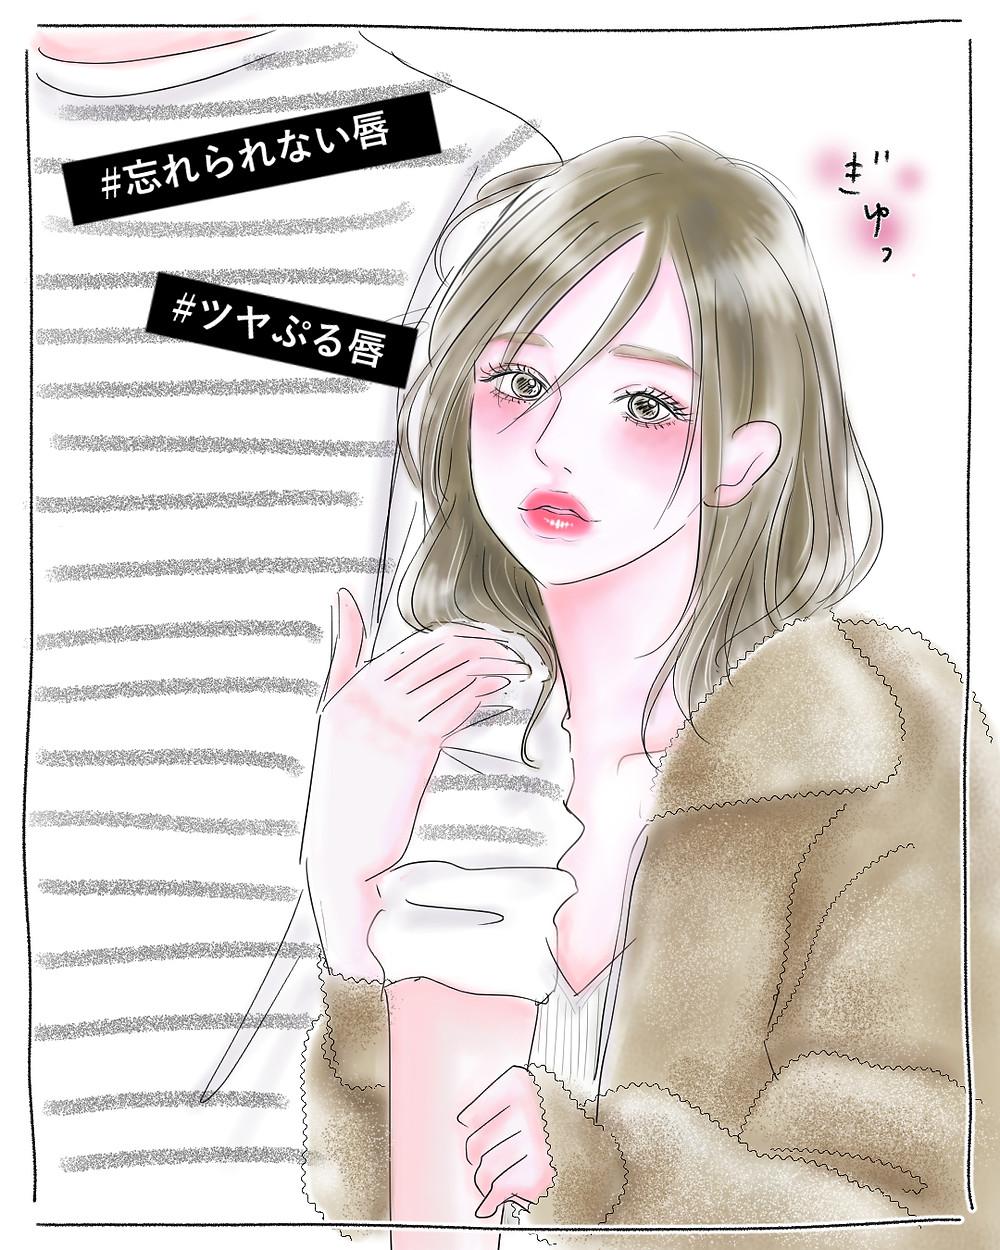 LCラブコスメ様 リップ・香水イラスト